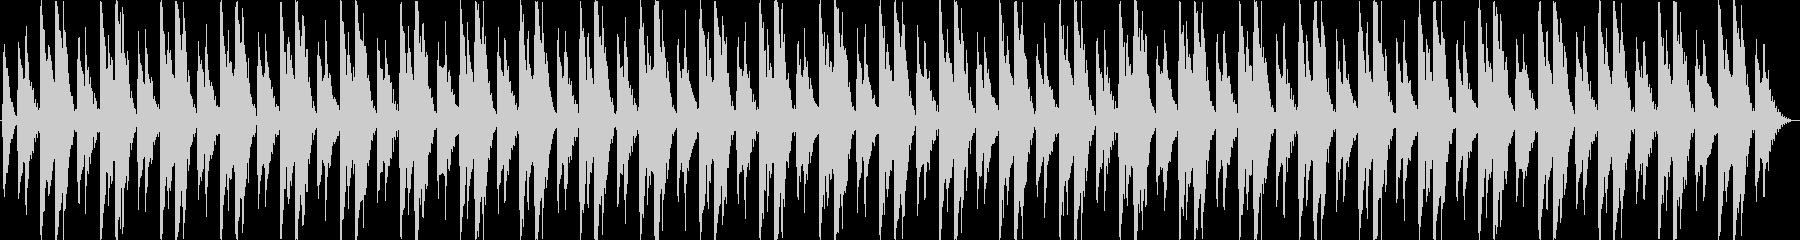 シーケンス 面白いシンセシーケンス02の未再生の波形